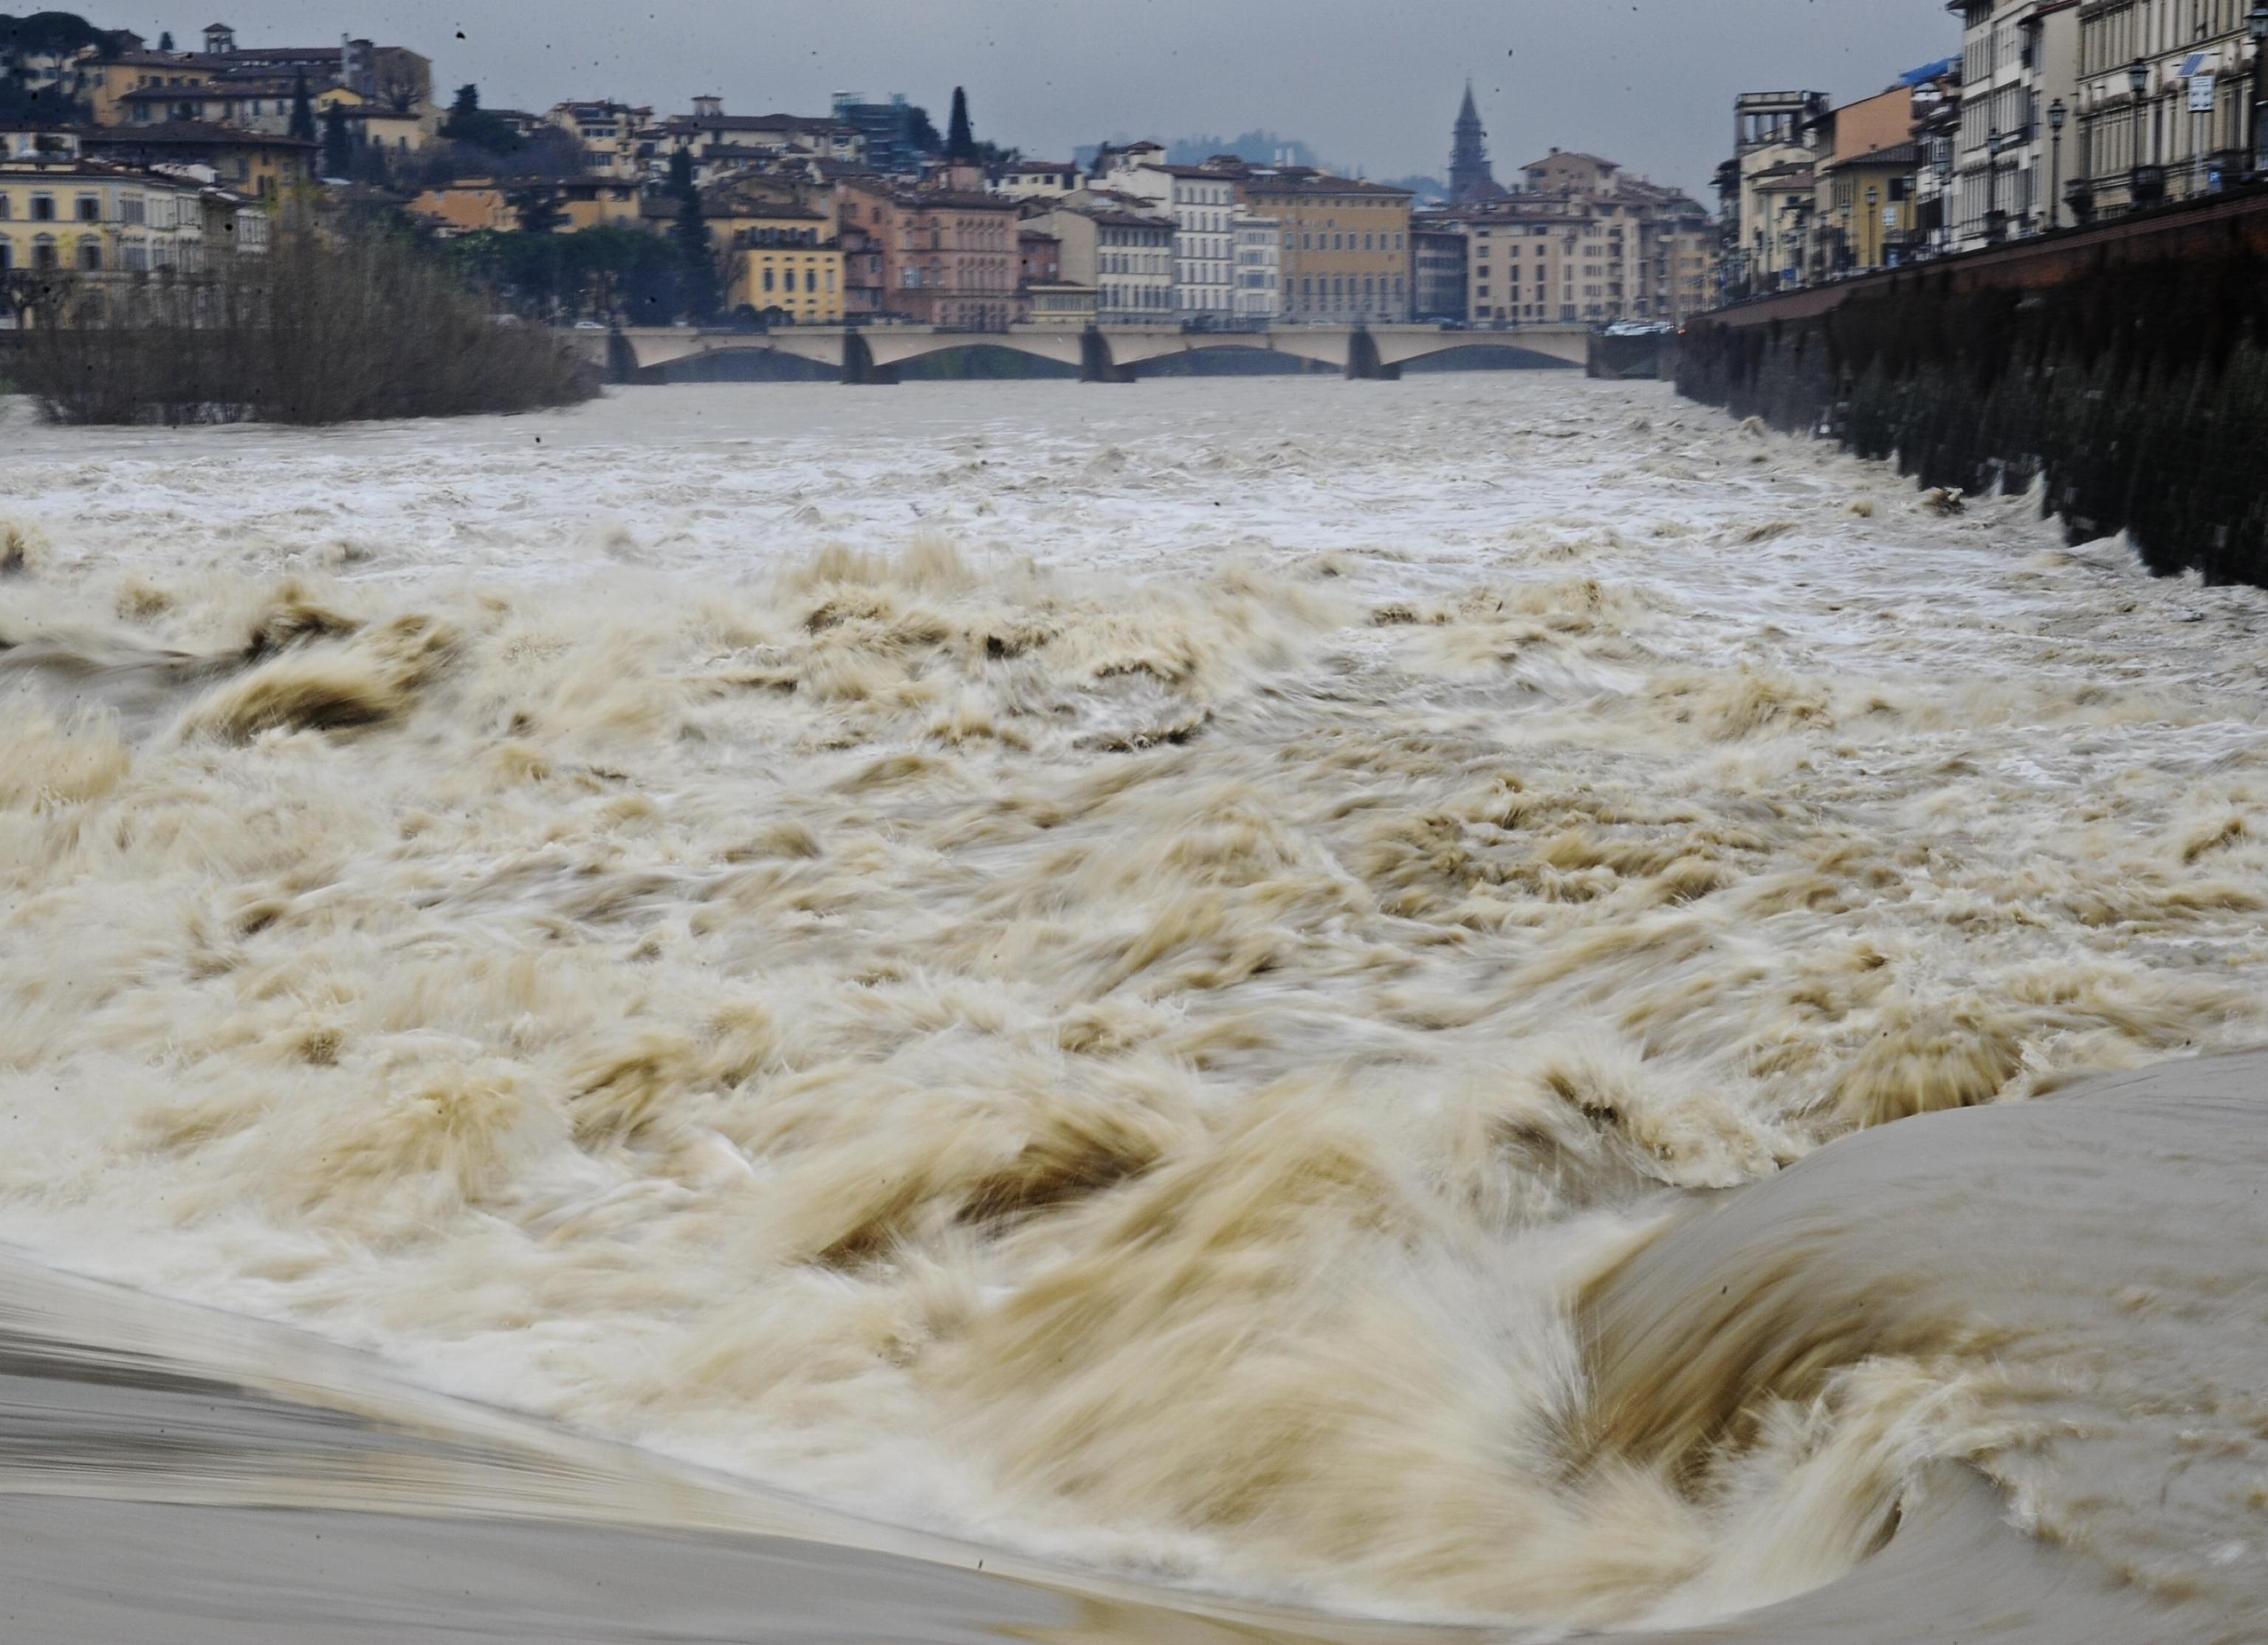 Nubifragio Toscana: prorogata allerta meteo, previste forti piogge